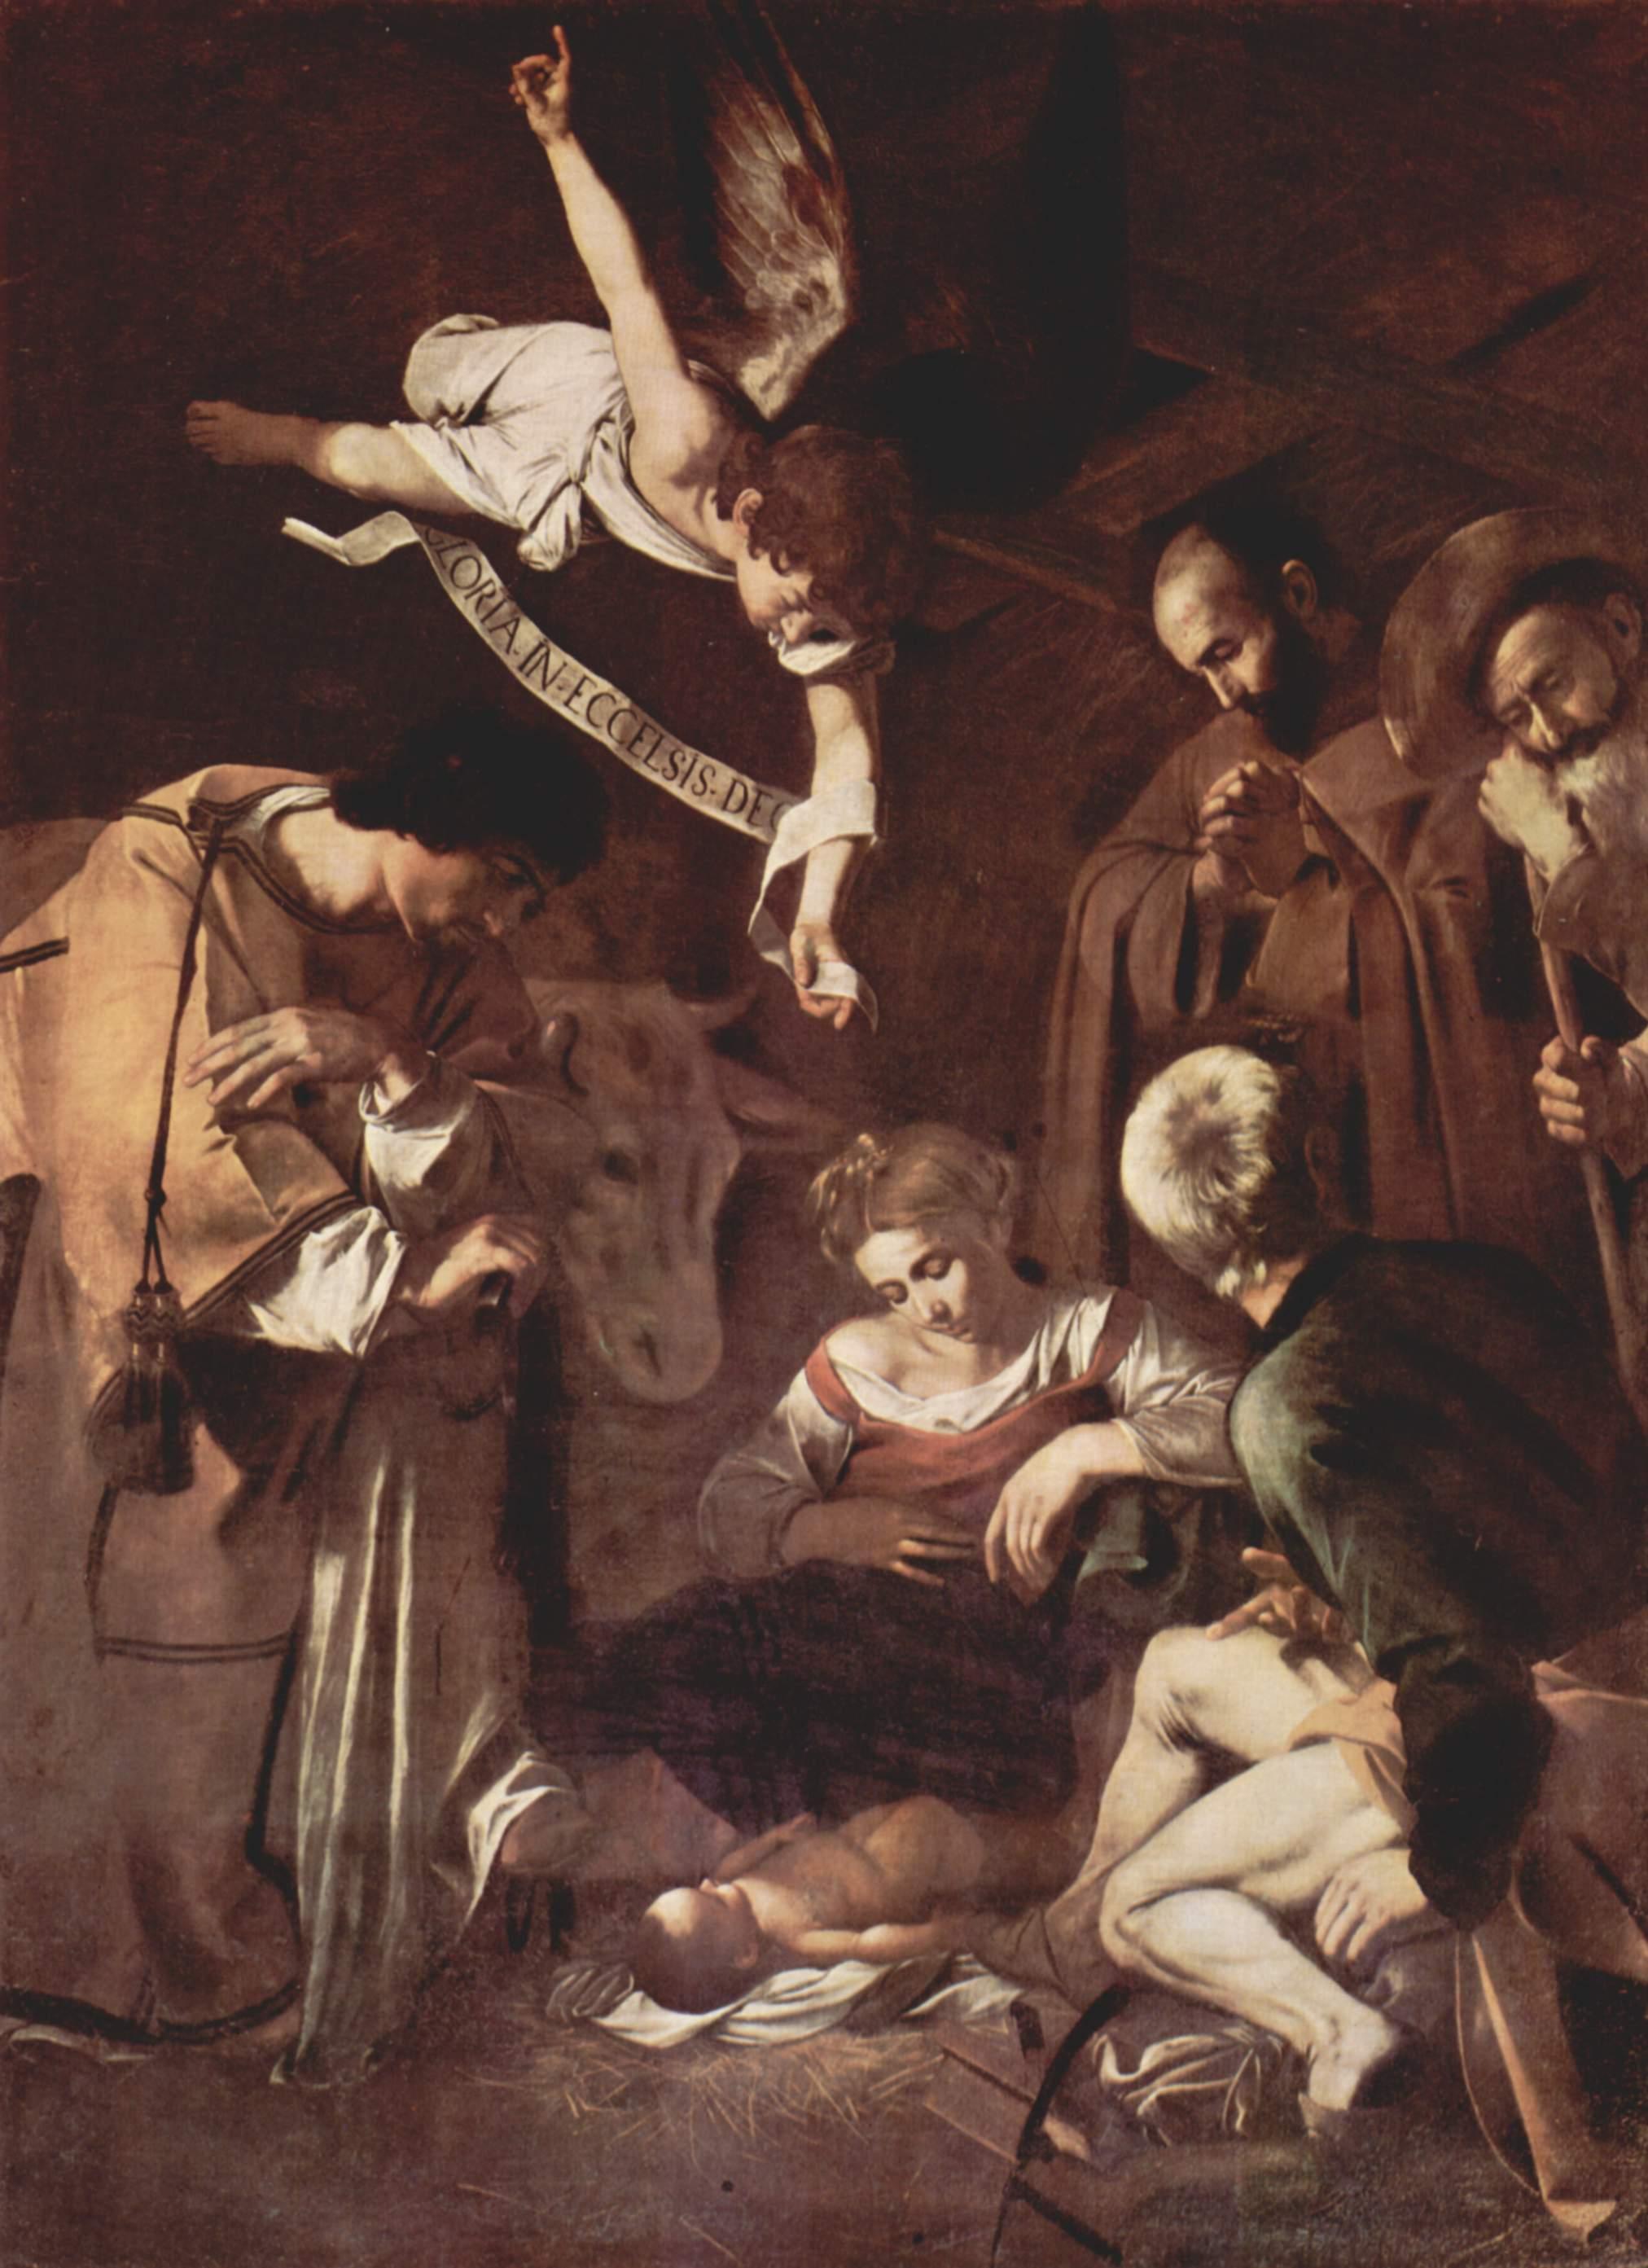 Le Caravage (1571-1610), Nativité avec saint François et saint Laurent, 1609, huile sur toile, Palerme, église Saint-Laurent